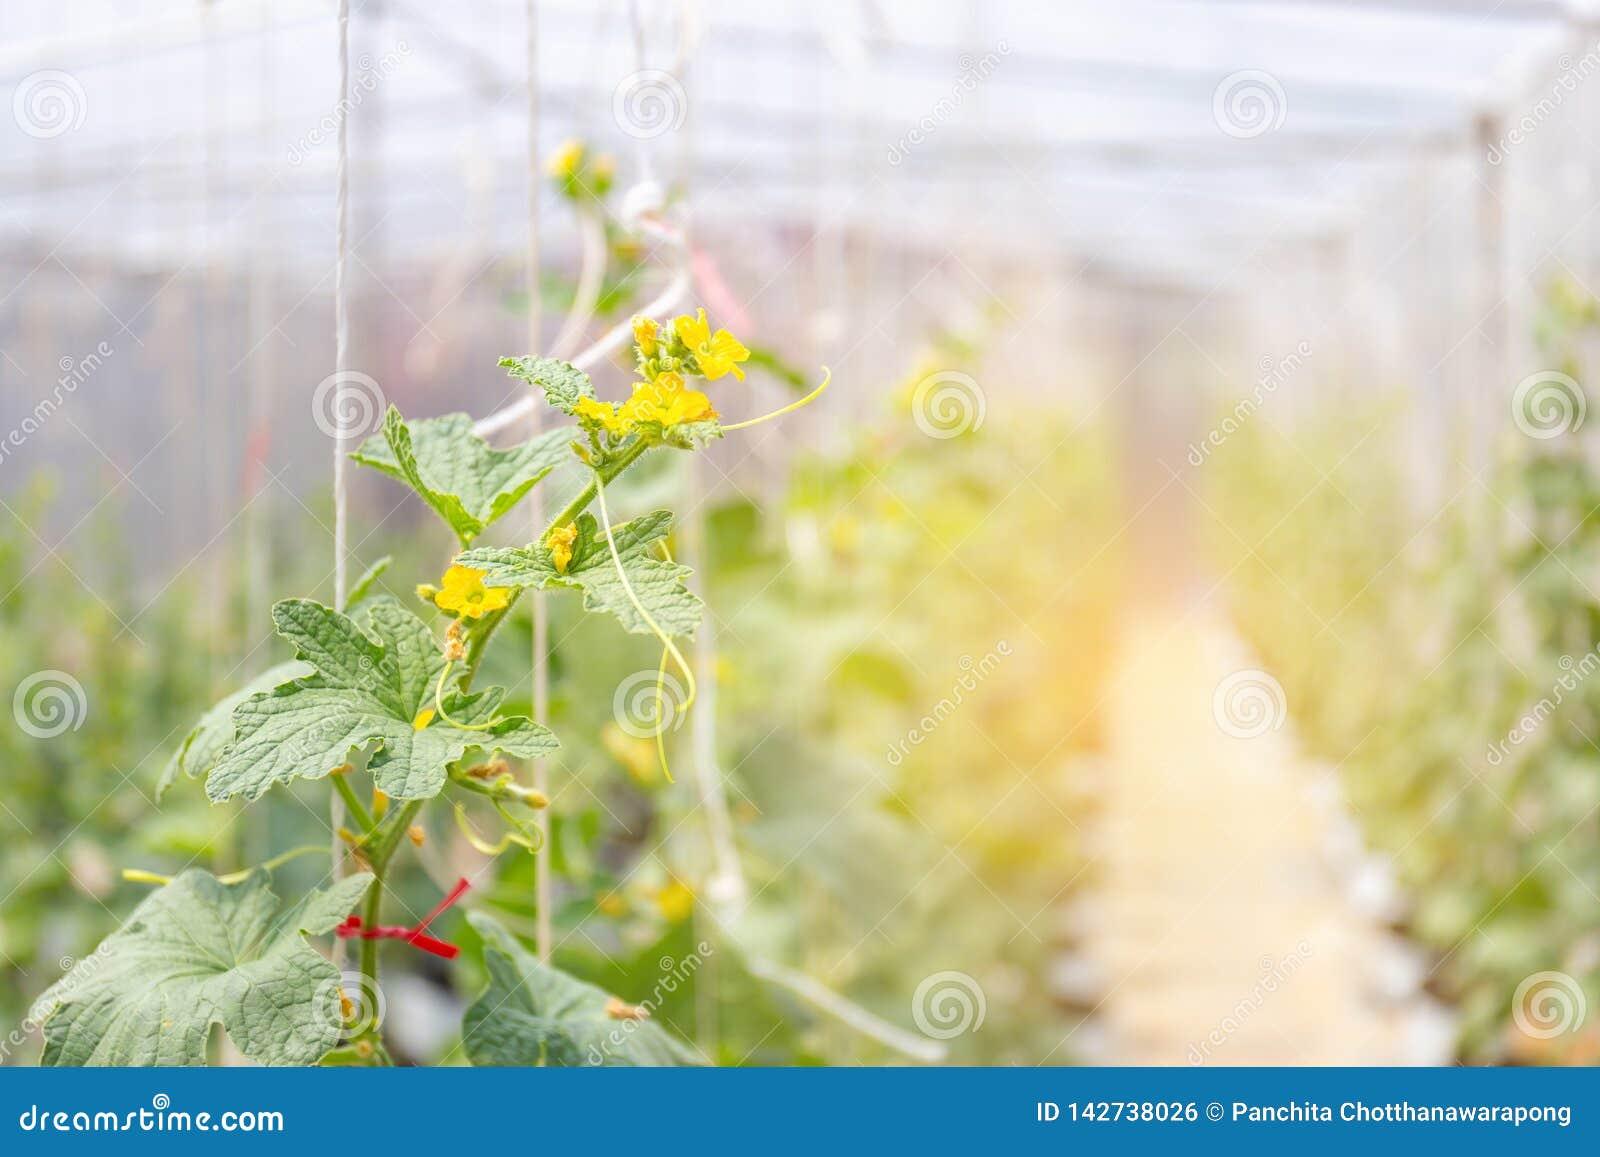 甜瓜生长自影片温室的瓜植物种田